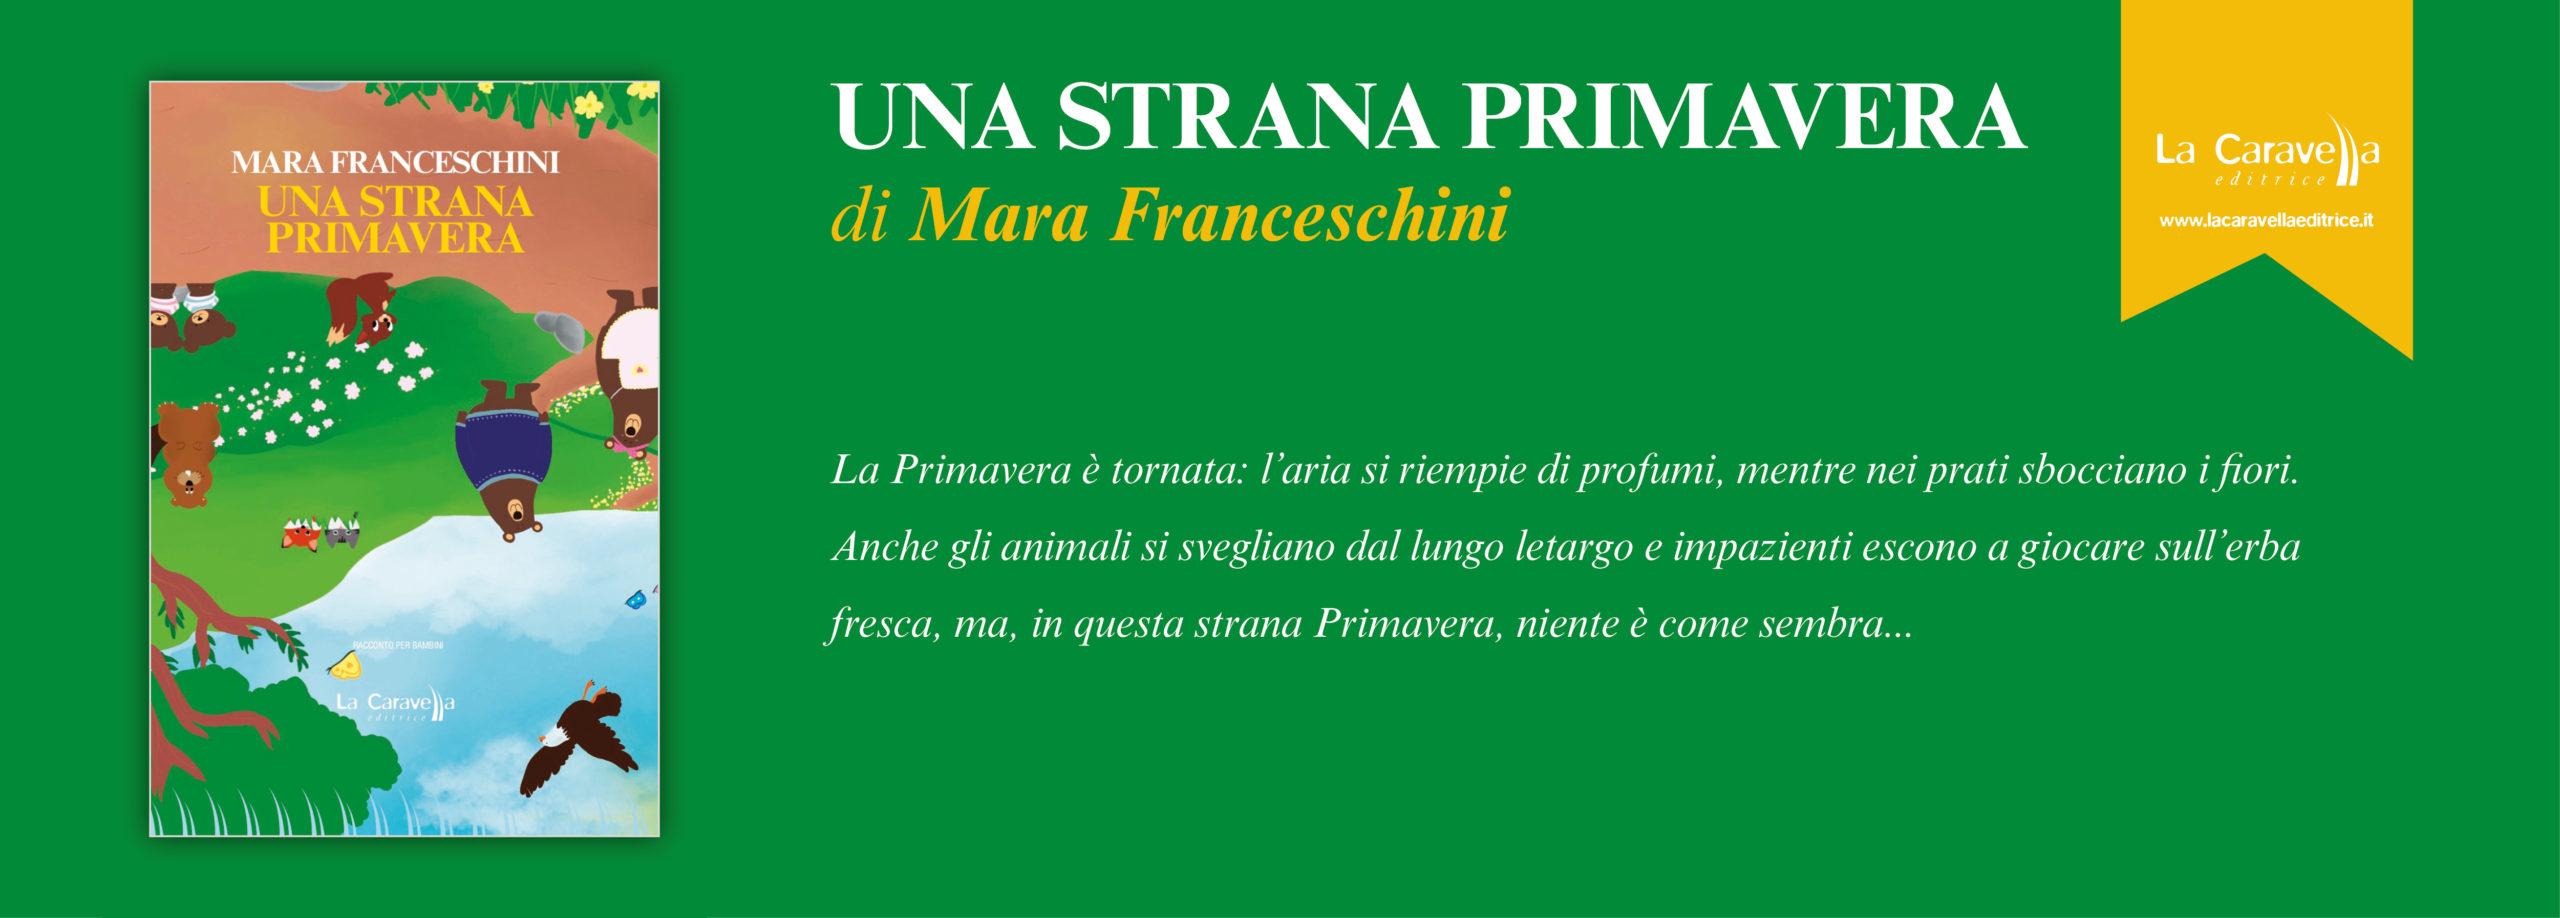 NUOVE USCITE: UNA STRANA PRIMAVERA di Mara Franceschini